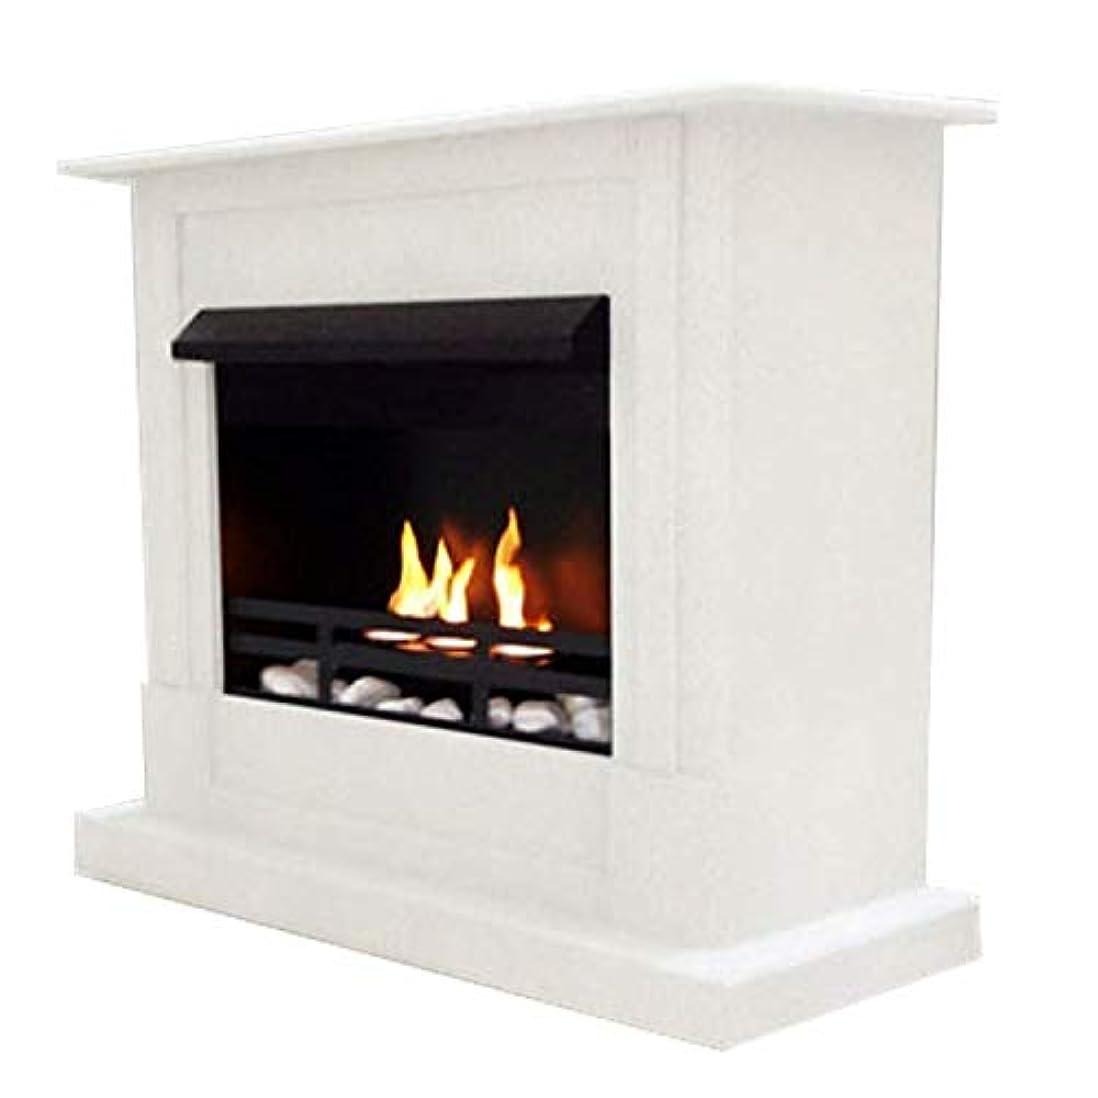 クラッククリスチャン闘争ジェル+ ethanol fire-places Emilyデラックスinclusive : 1調節可能なstainless-steel Burner ホワイト 10080